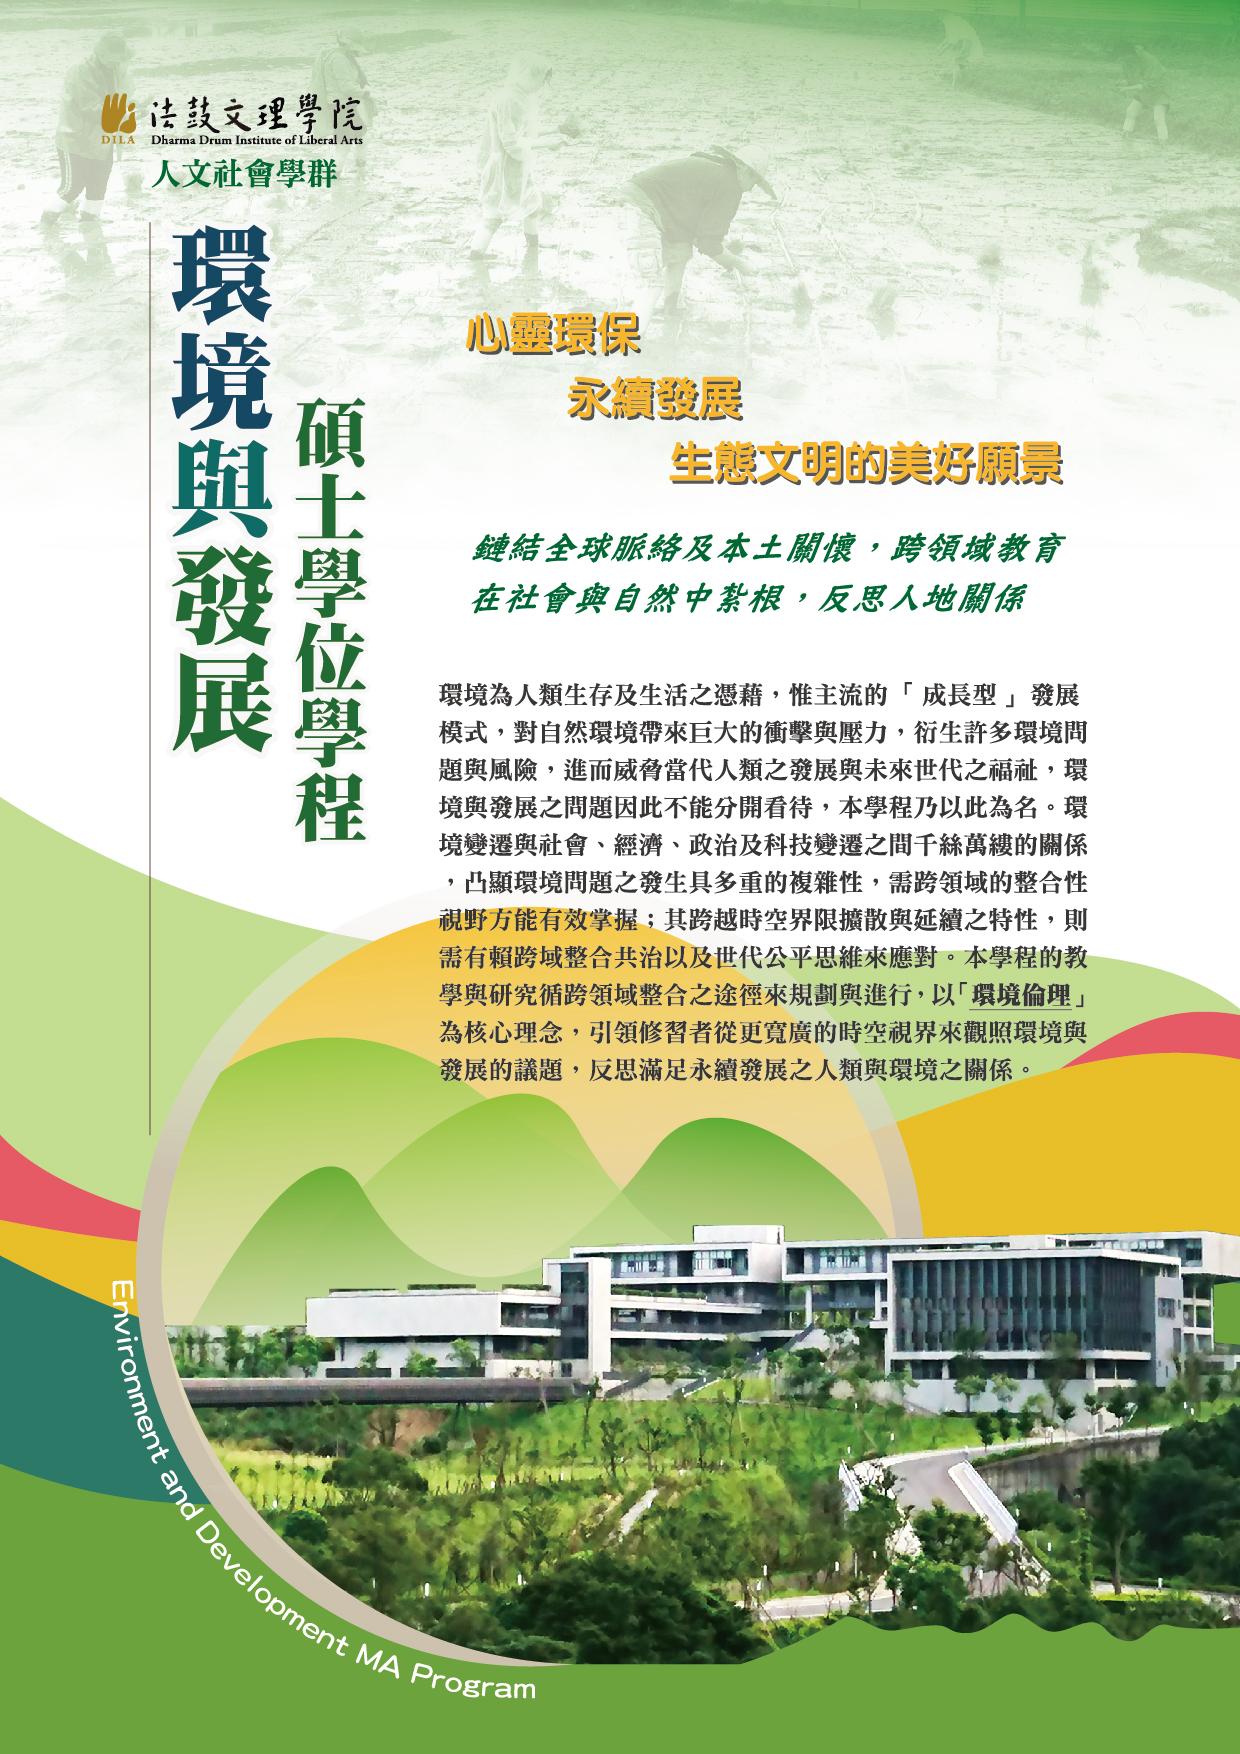 環境學程DM-2_0920修改_轉外框-01